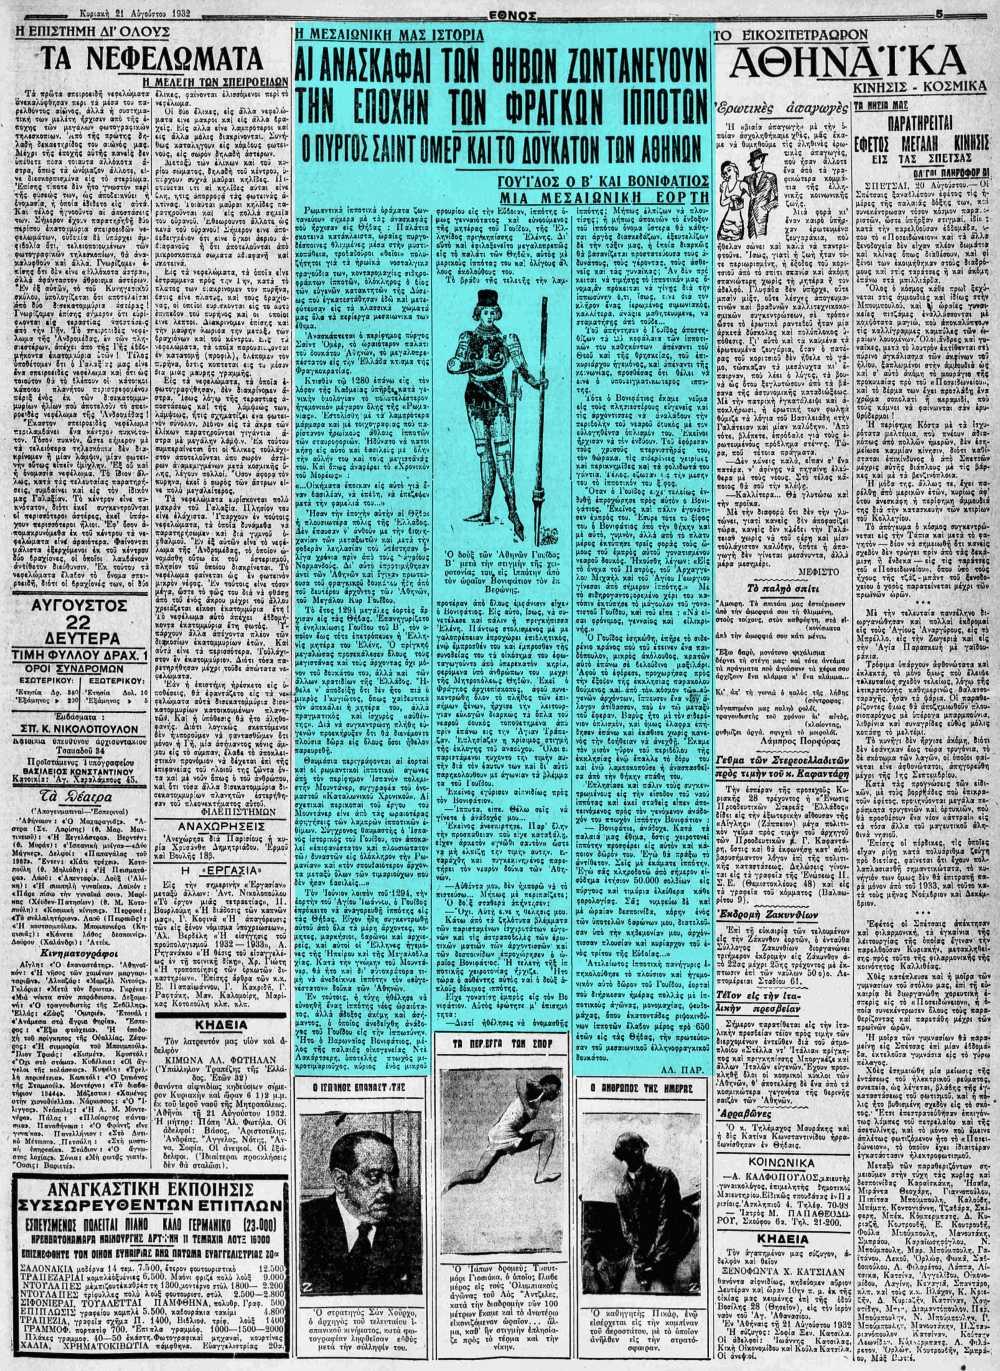 """Το άρθρο, όπως δημοσιεύθηκε στην εφημερίδα """"ΕΘΝΟΣ"""", στις 21/08/1932"""